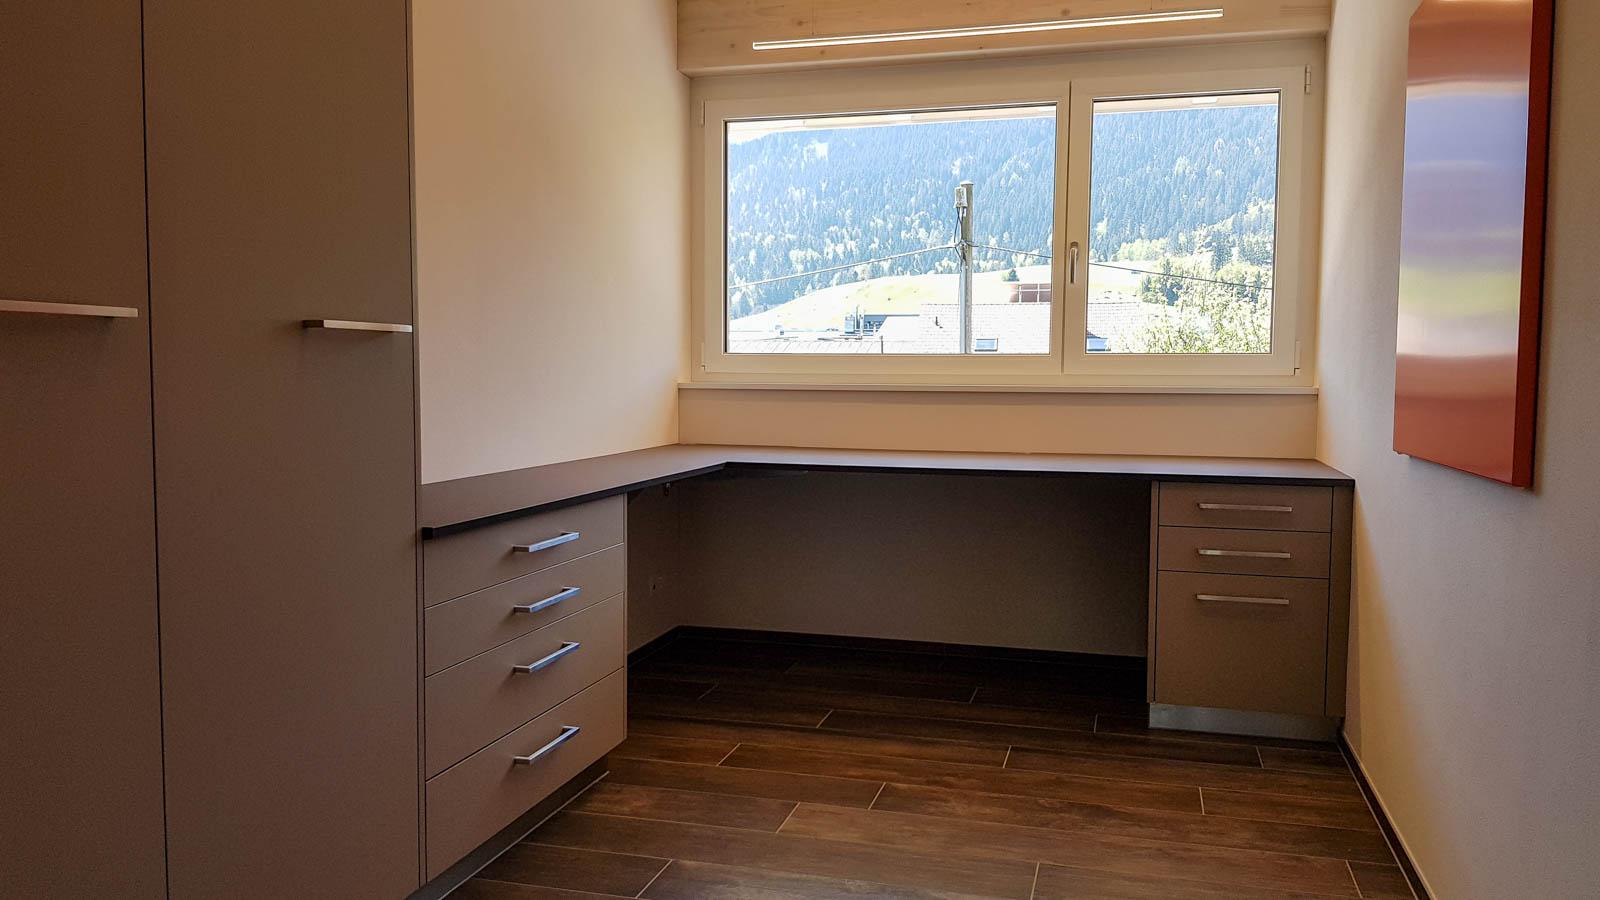 Wooddesign_Büro_Homeoffice_Schreibtisch_höhenverstellbar_Regal_Schubladen_Wandschrank_Glastüre (3)